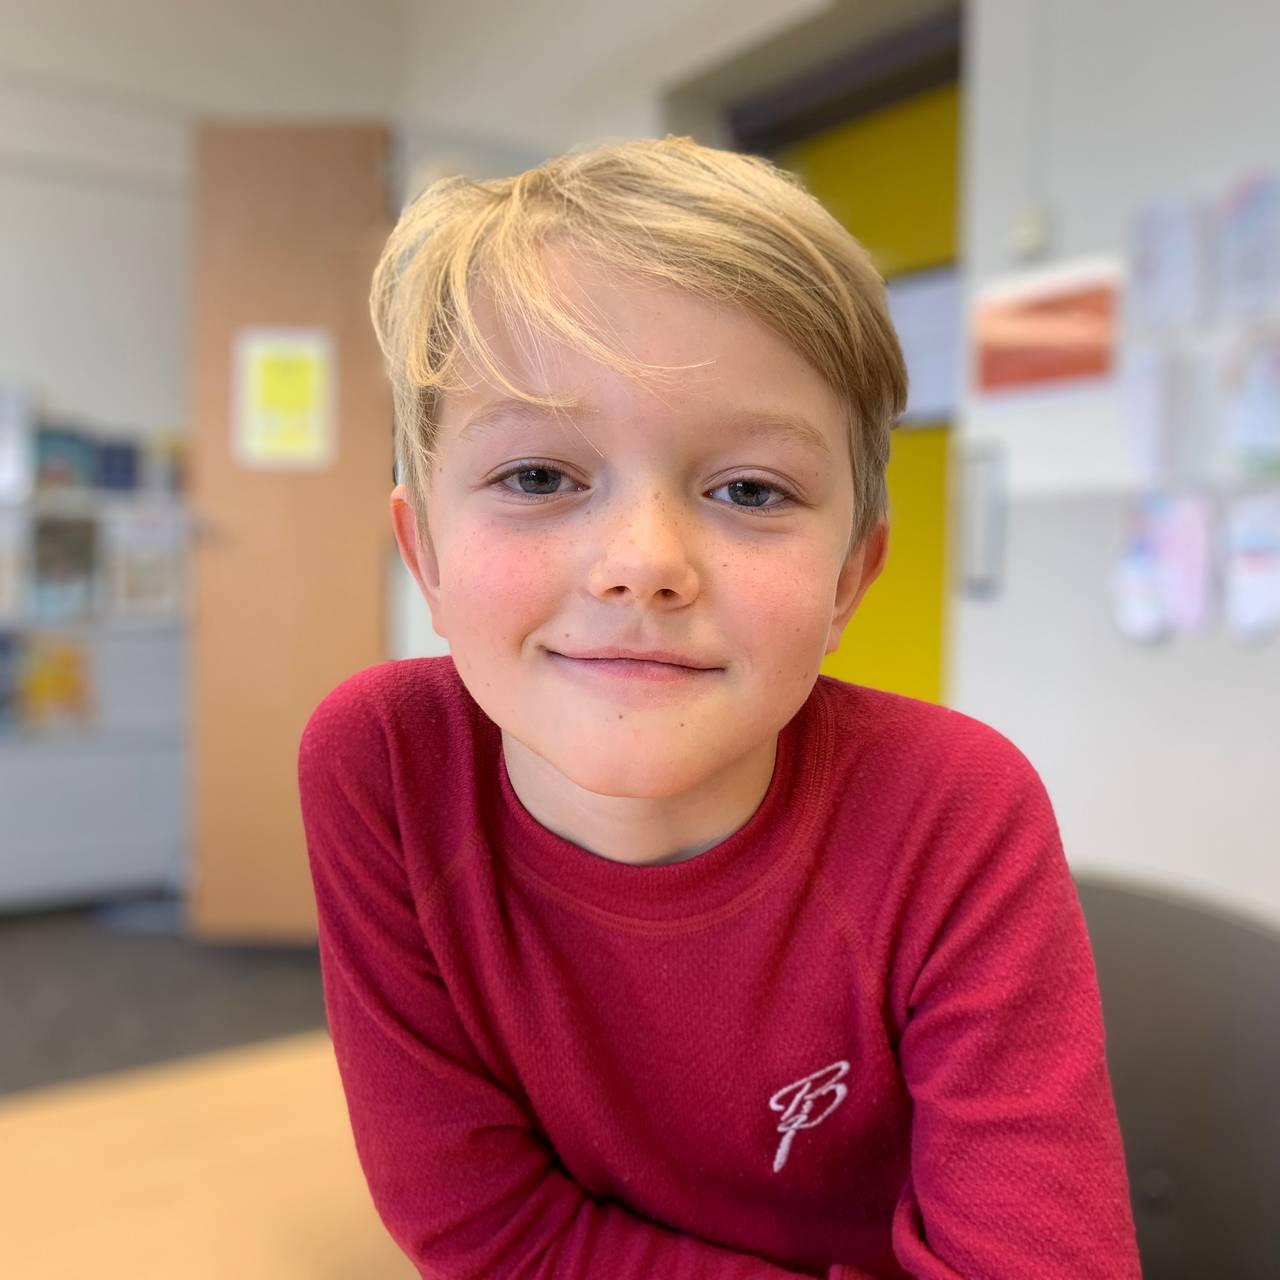 Magnus sitter ved pulten i klasserommet.